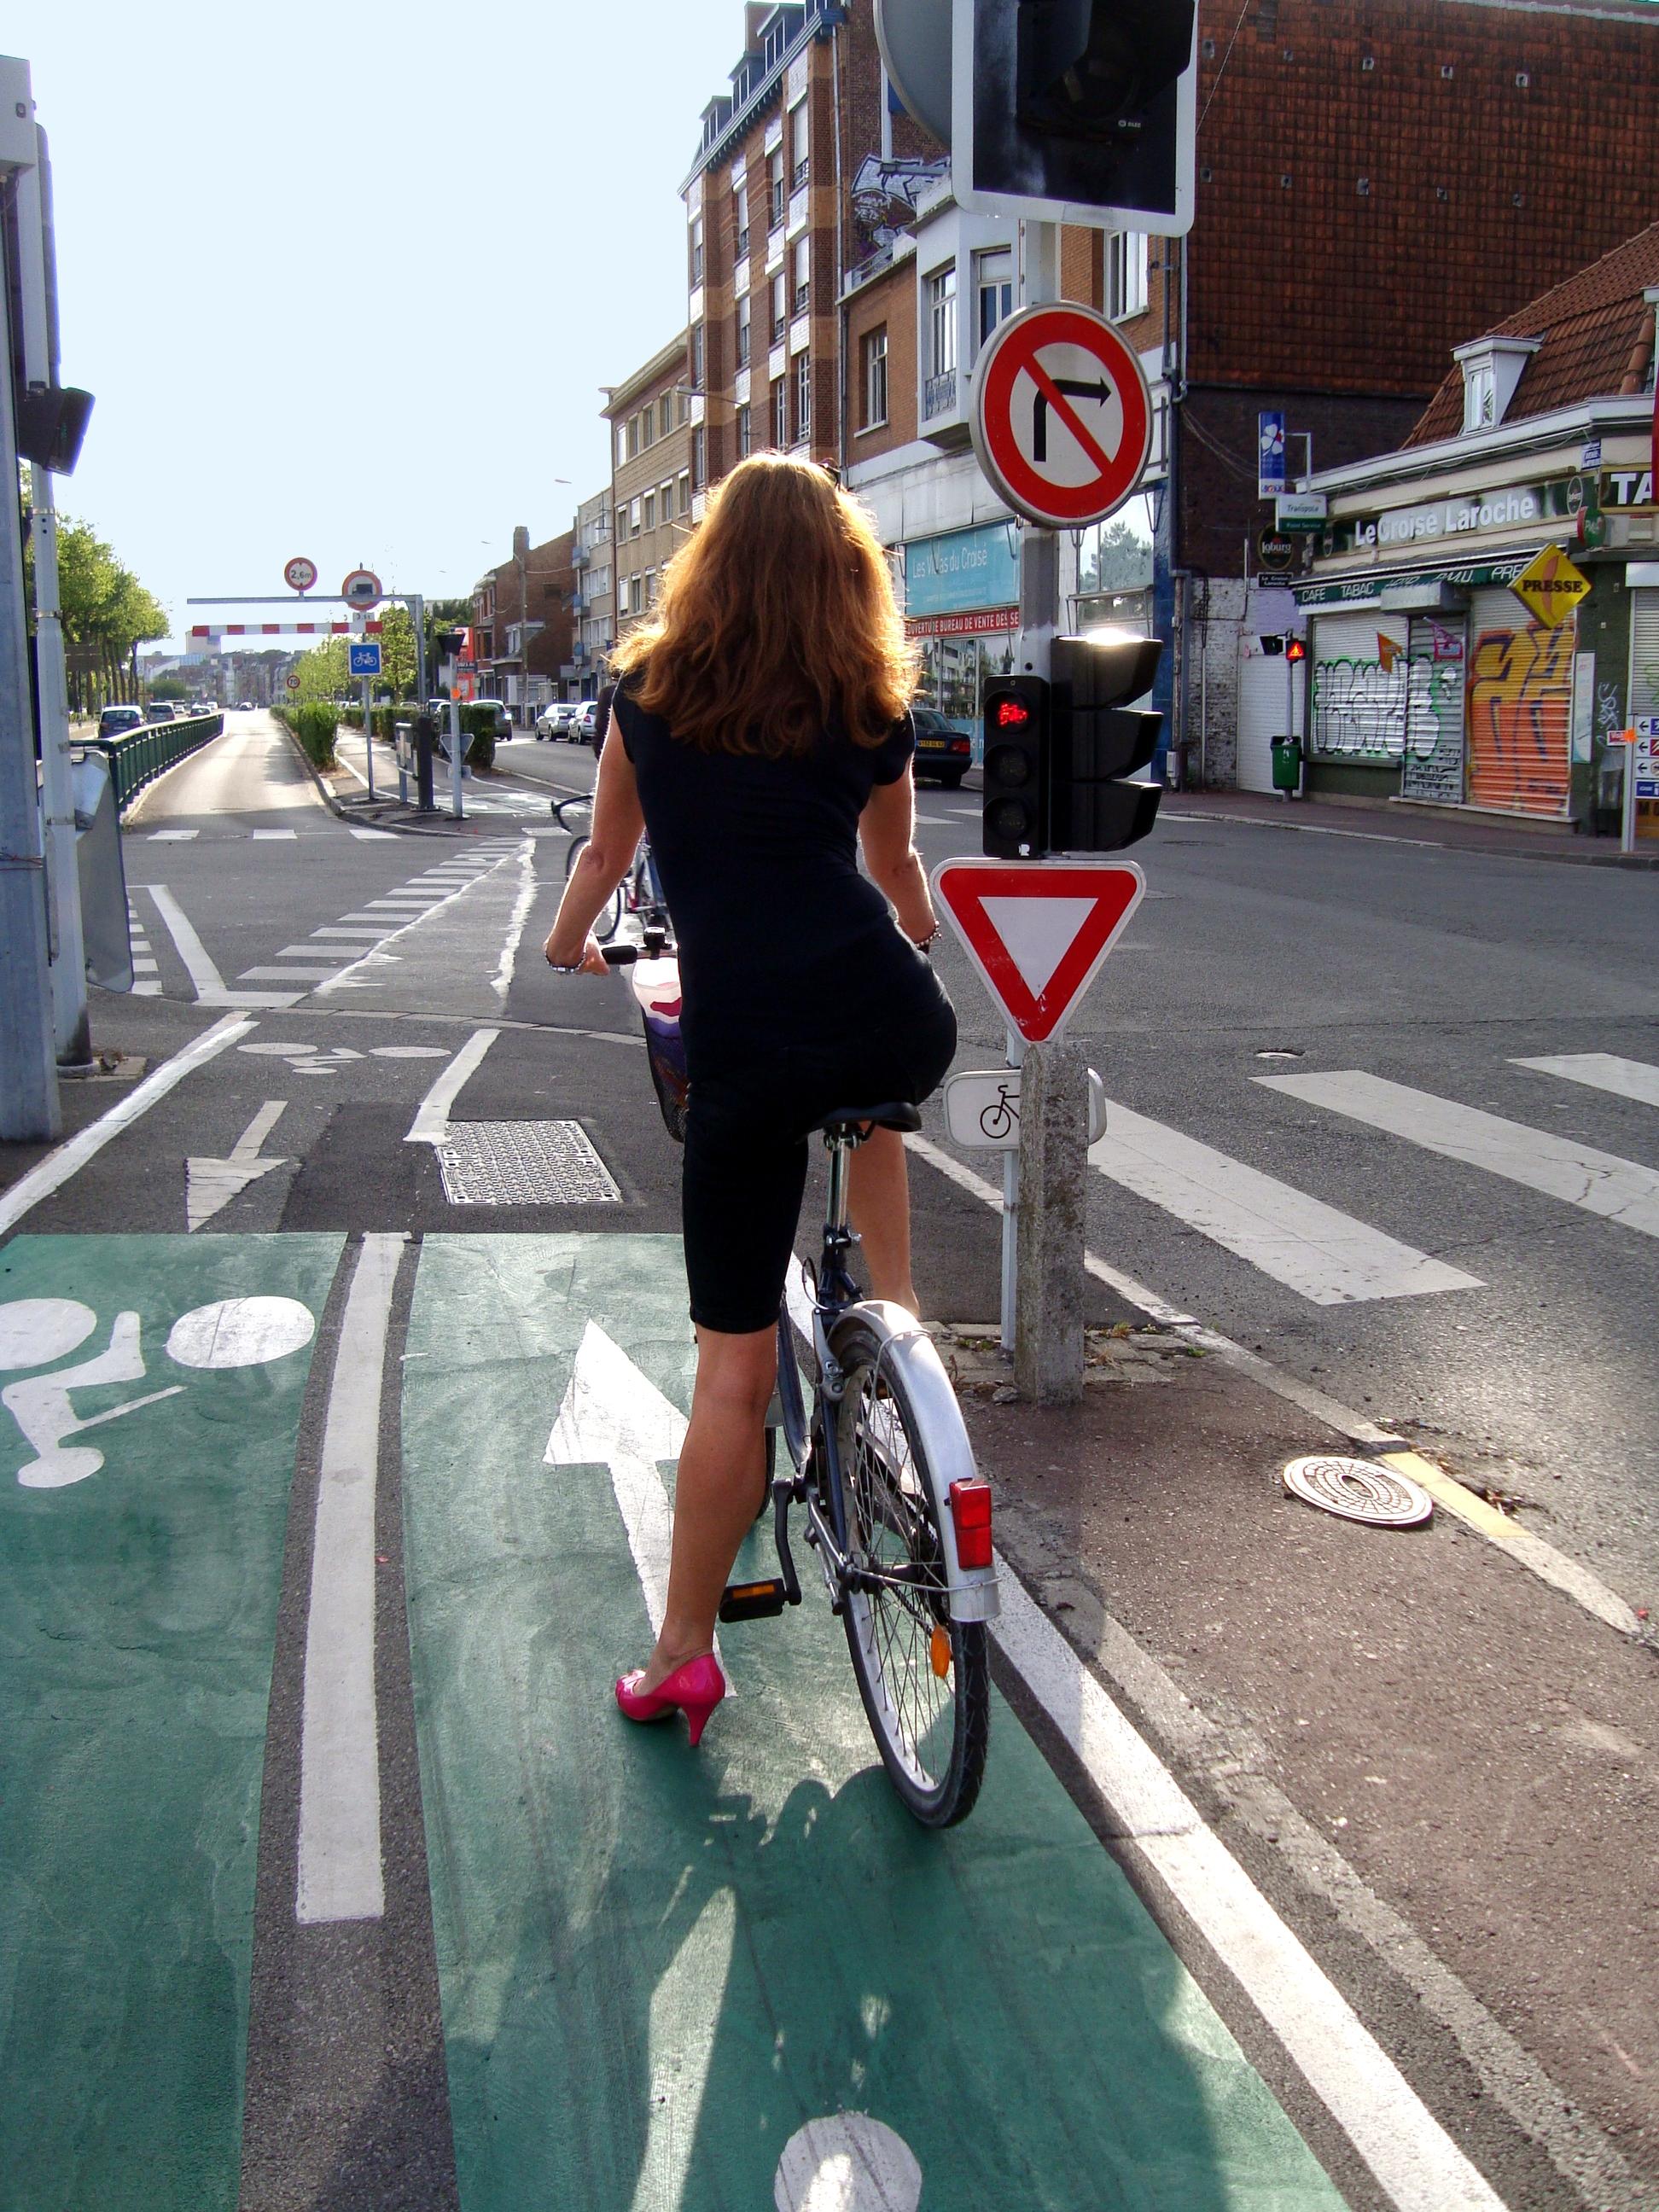 Feu tricolore piste cyclable